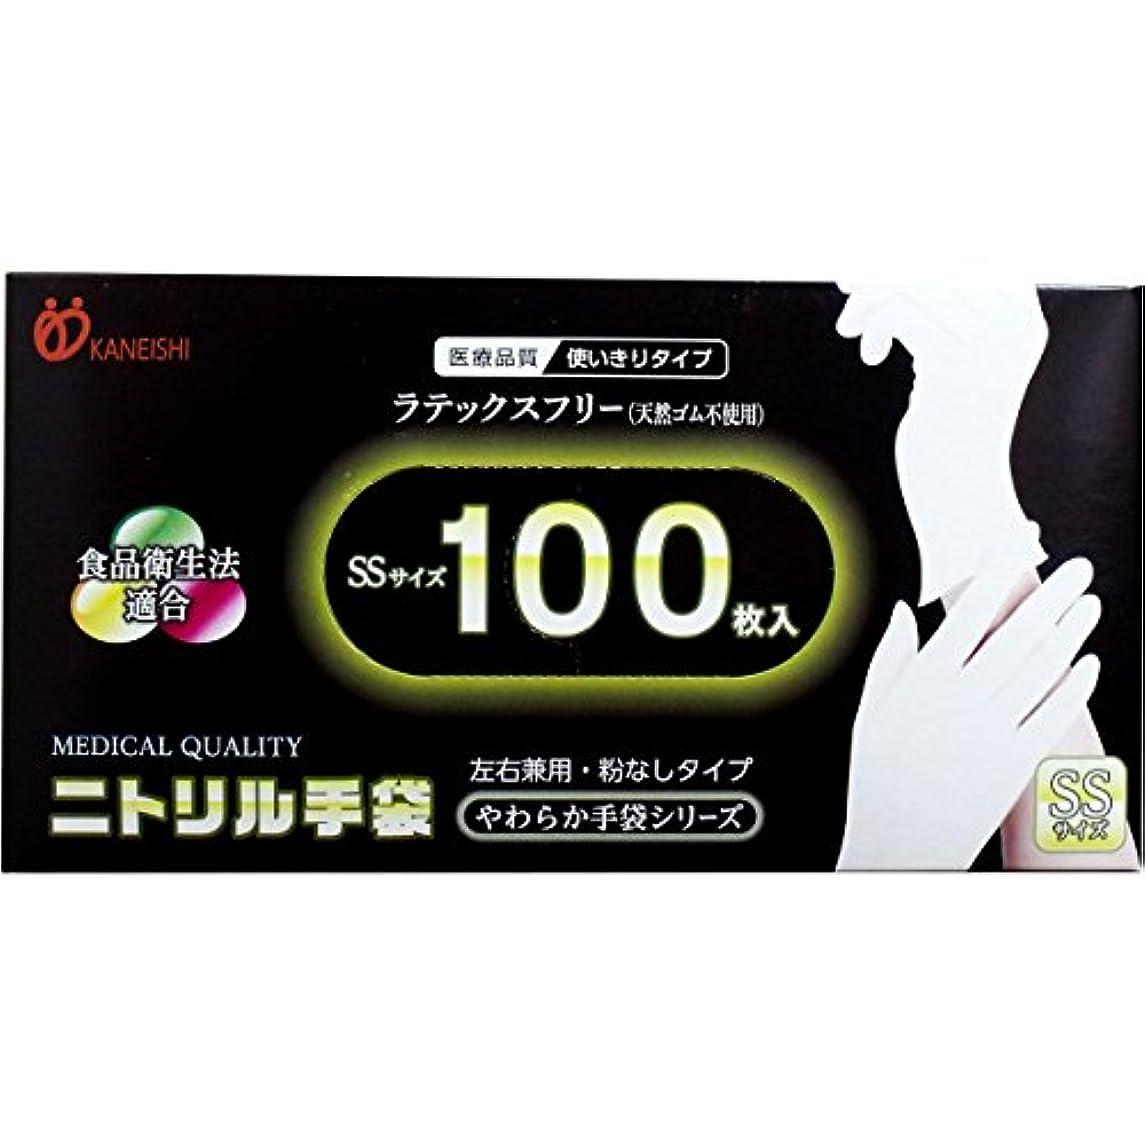 映画全国マニアノンパウダータイプ 手軽に使い捨て出来る 衛生的 やわらかニトリル手袋 パウダーフリー 100枚入 SSサイズ